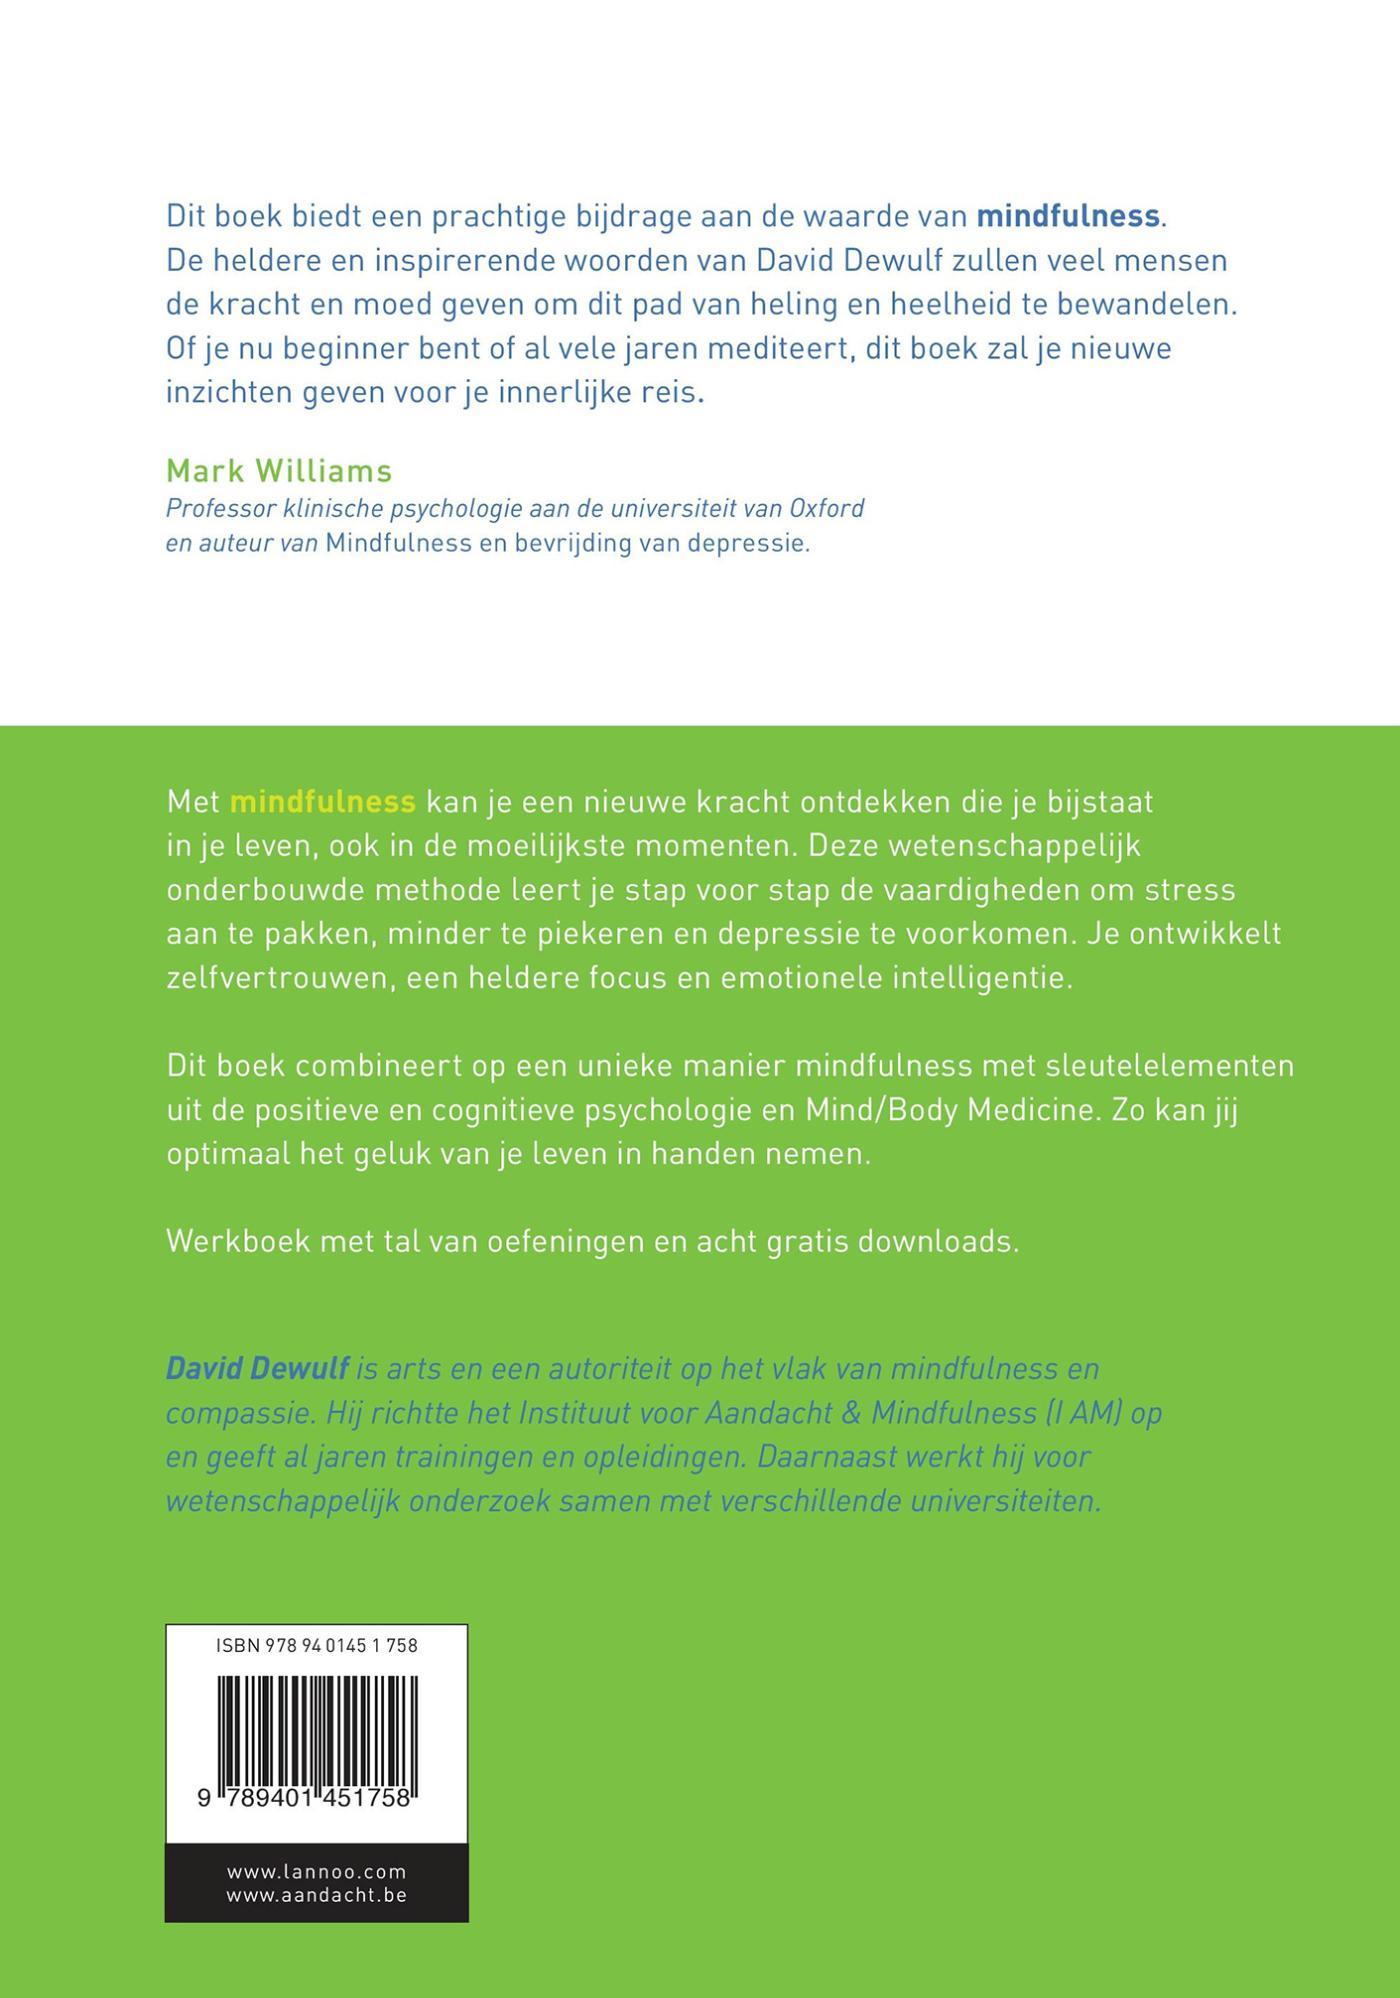 Mindfulness / deel werkboek